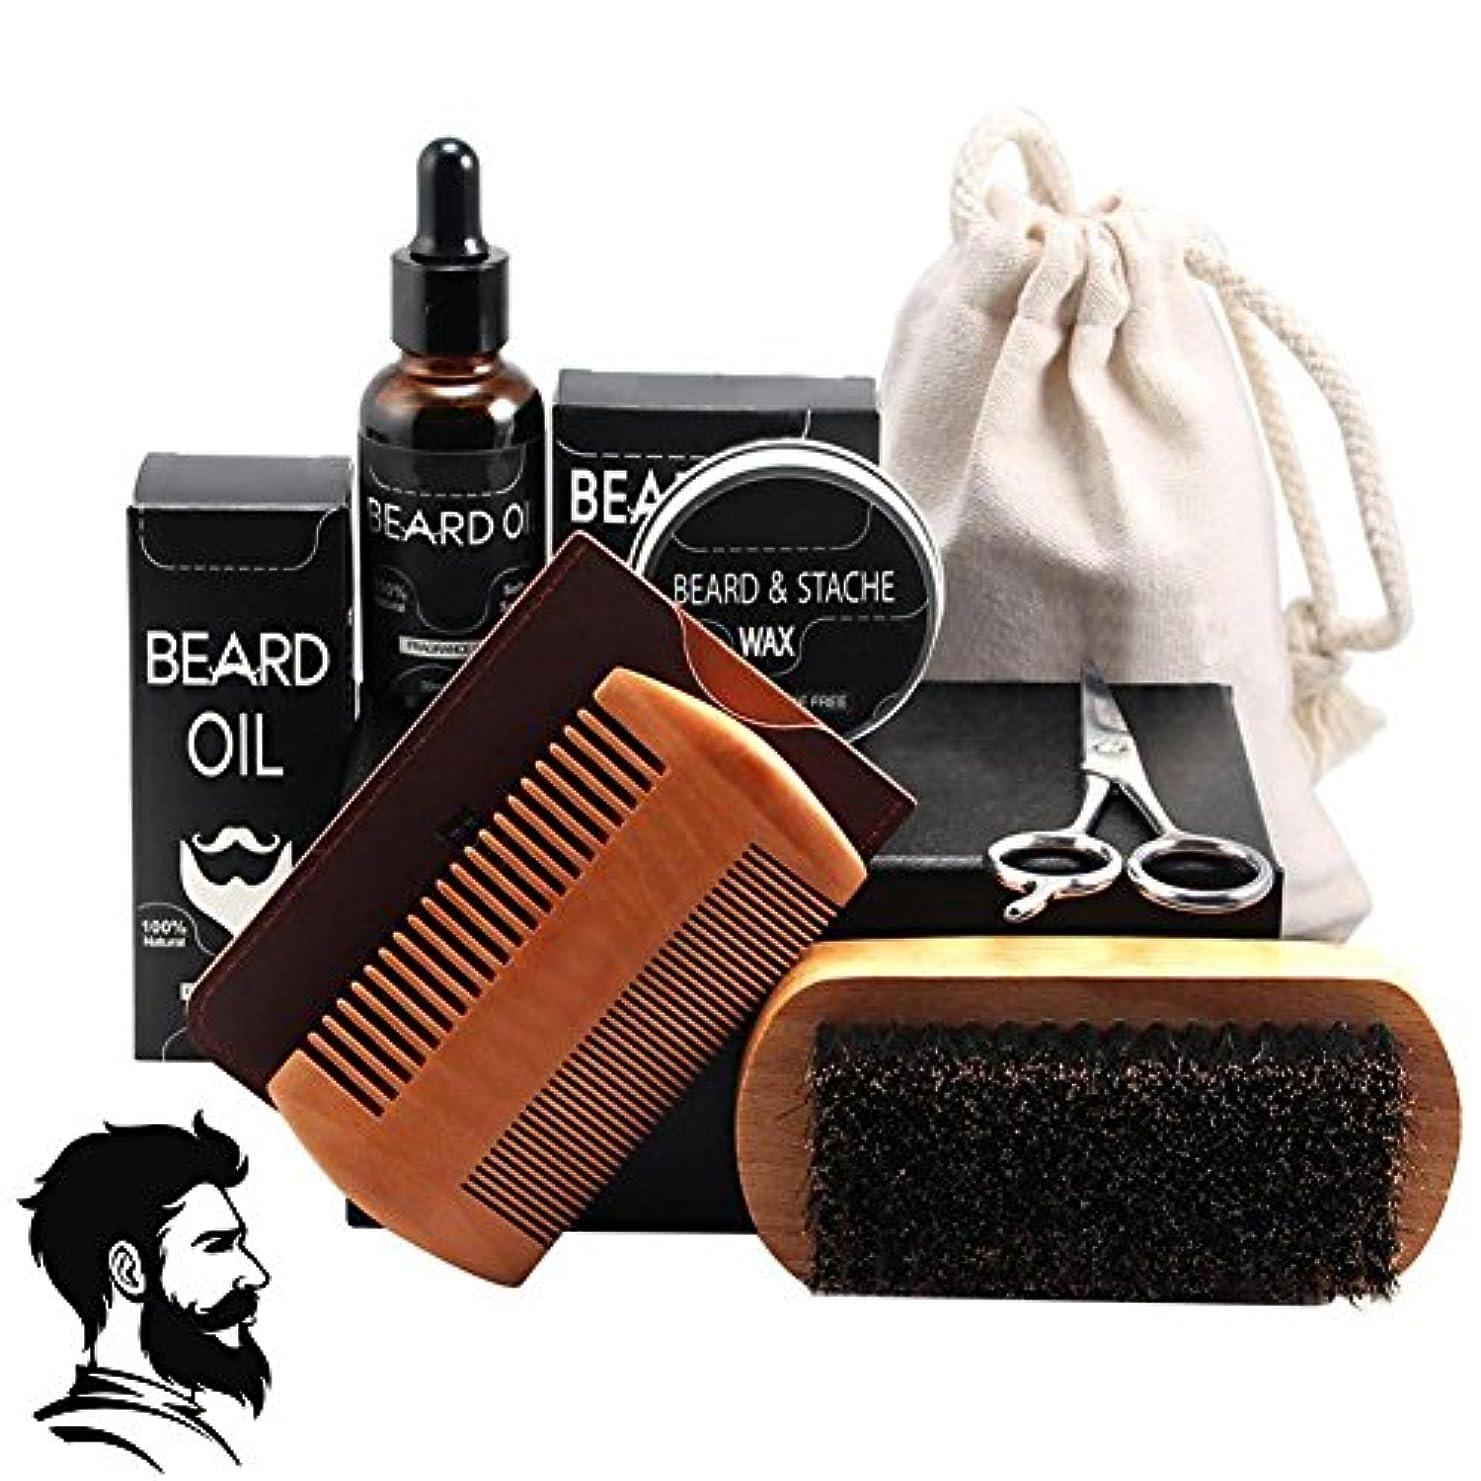 見かけ上クーポン累計あごひげ油、男性の口ひげフルセットヘアケアツール(ひげワックスくし付き)(7PCSのパック)用シェービングブラシプロフェッショナルフェイシャルトリミングハサミ